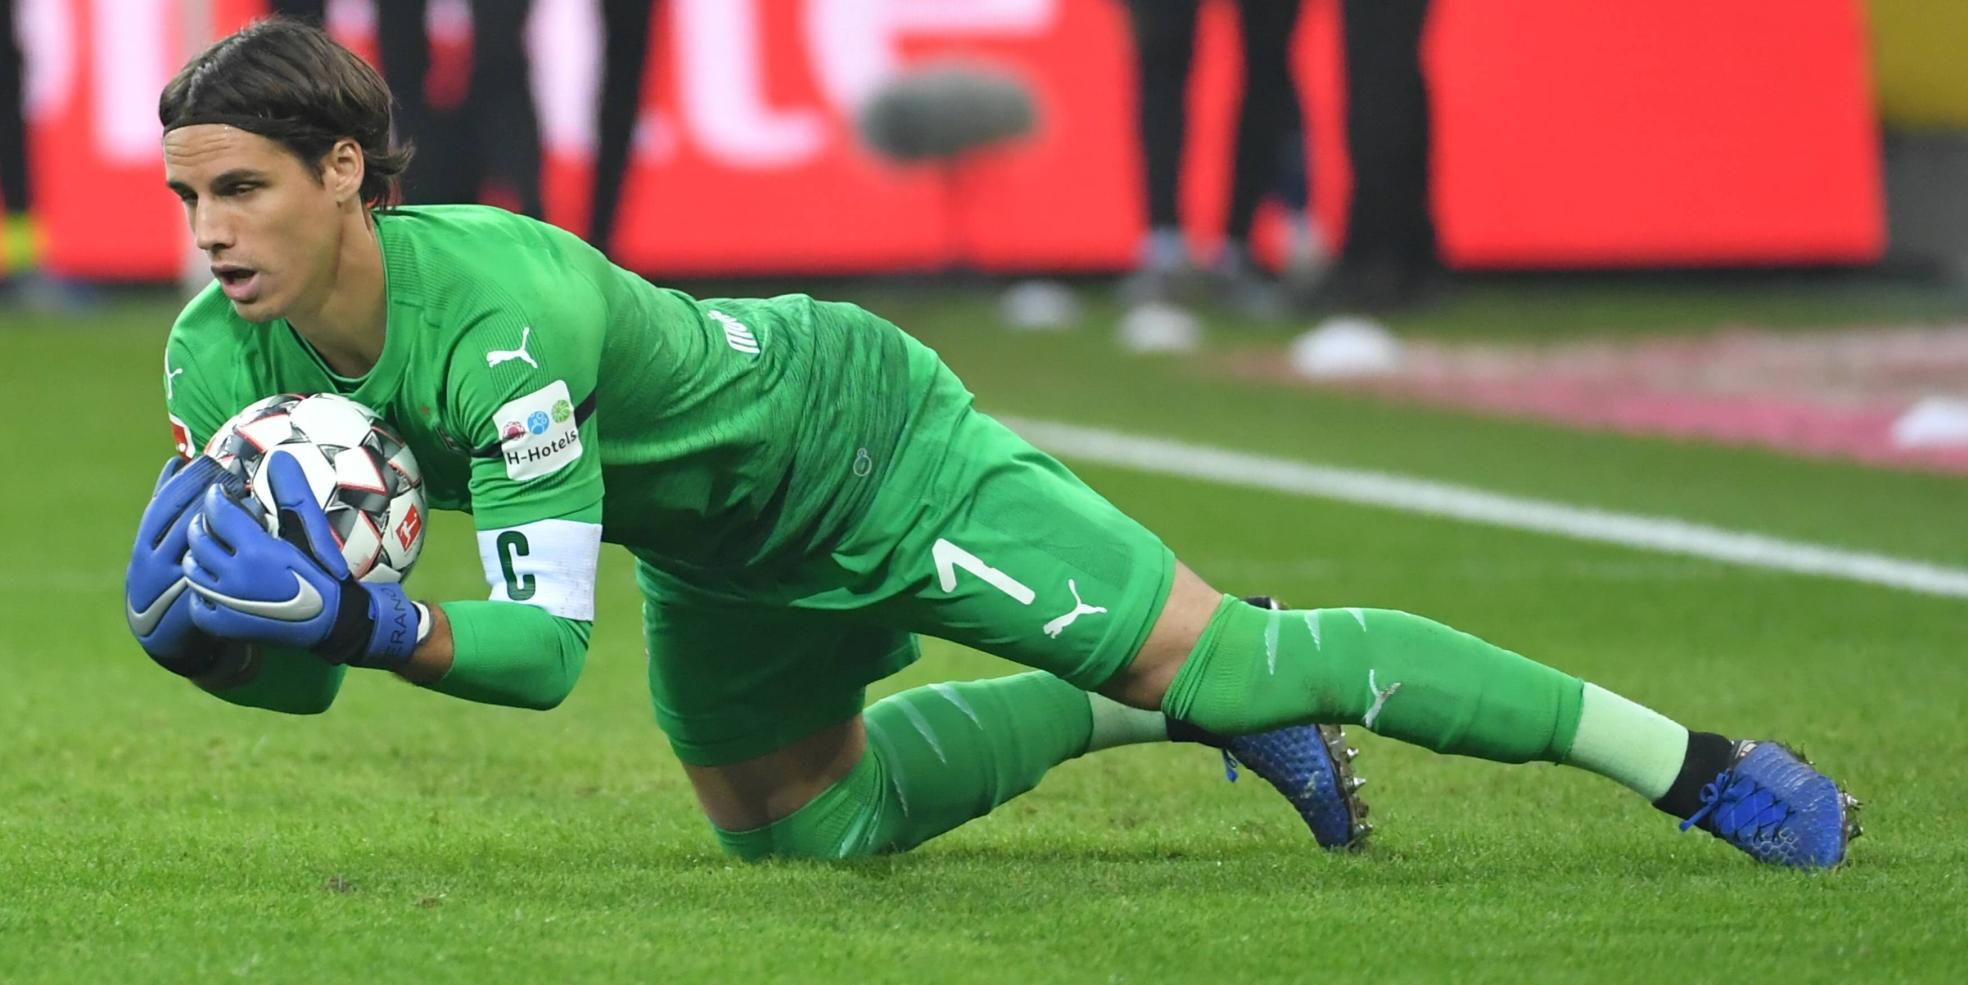 Yann Sommer von Borussia Mönchengladbach